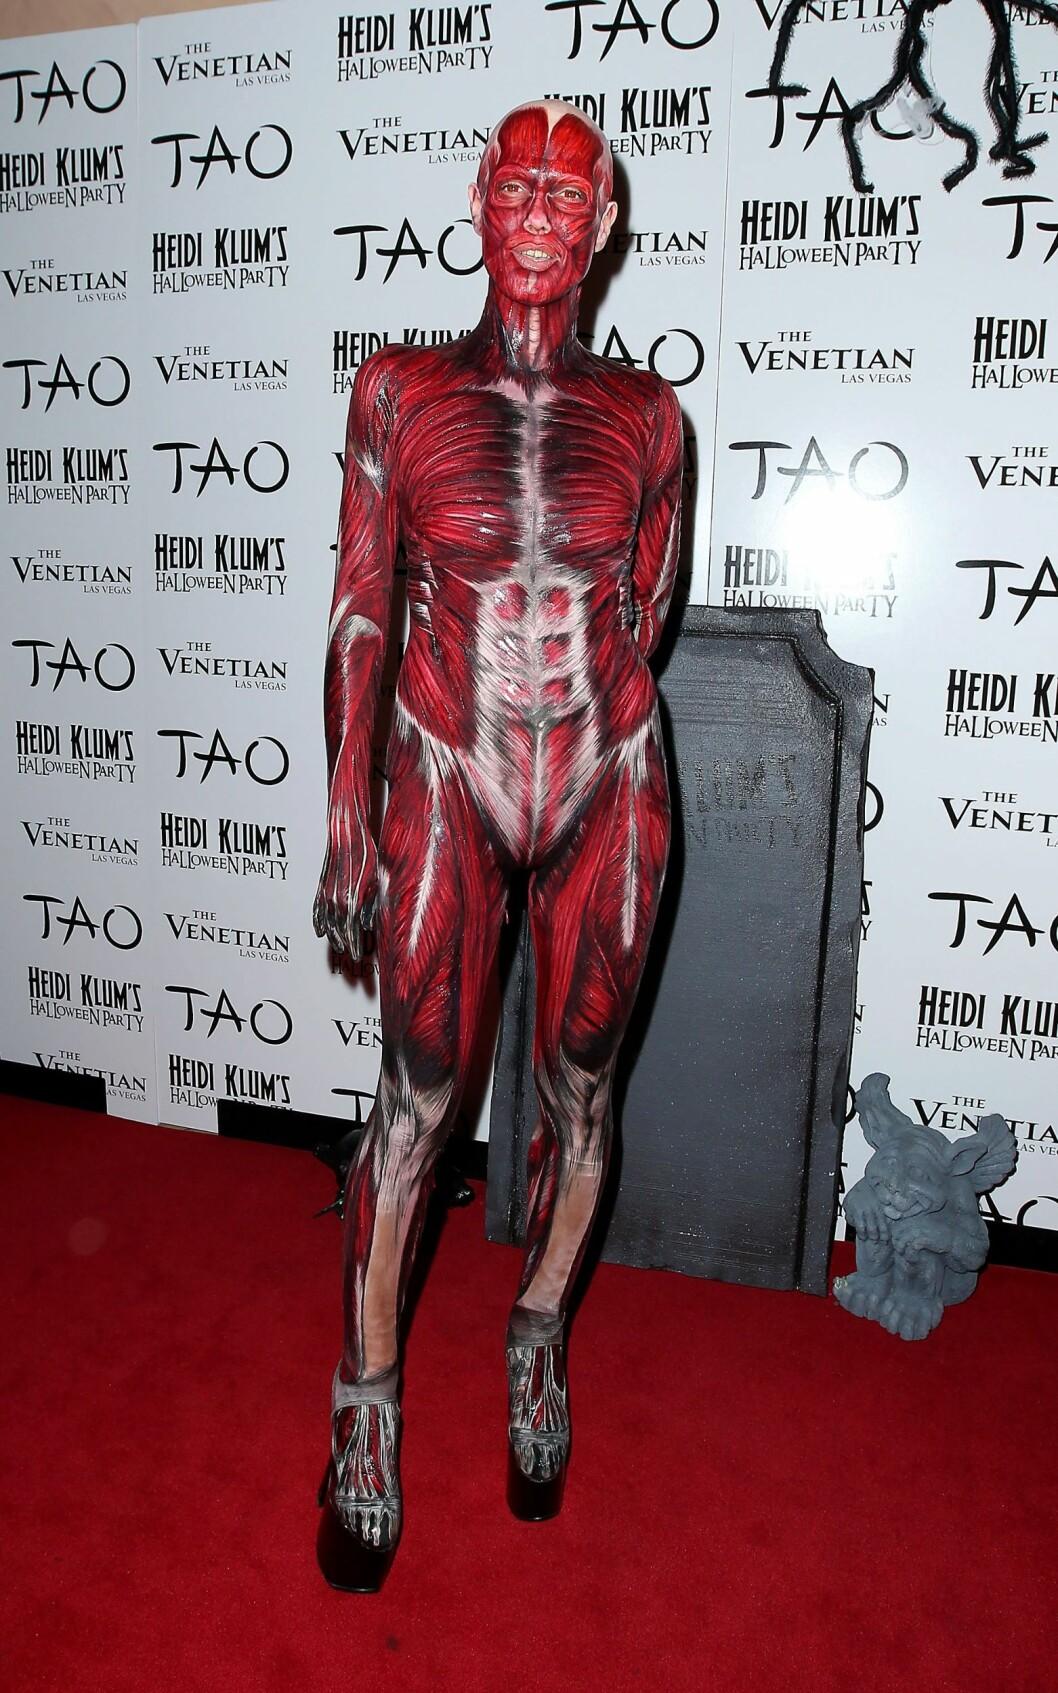 TAR DEN UT: Heidi Klum har Halloween-fest hvert år, og er alltid en av de som drar den aller lengst. Her i Las Vegas i 2011.  Mandatory Credit: Judy Eddy/WENN.com Foto: wenn.com